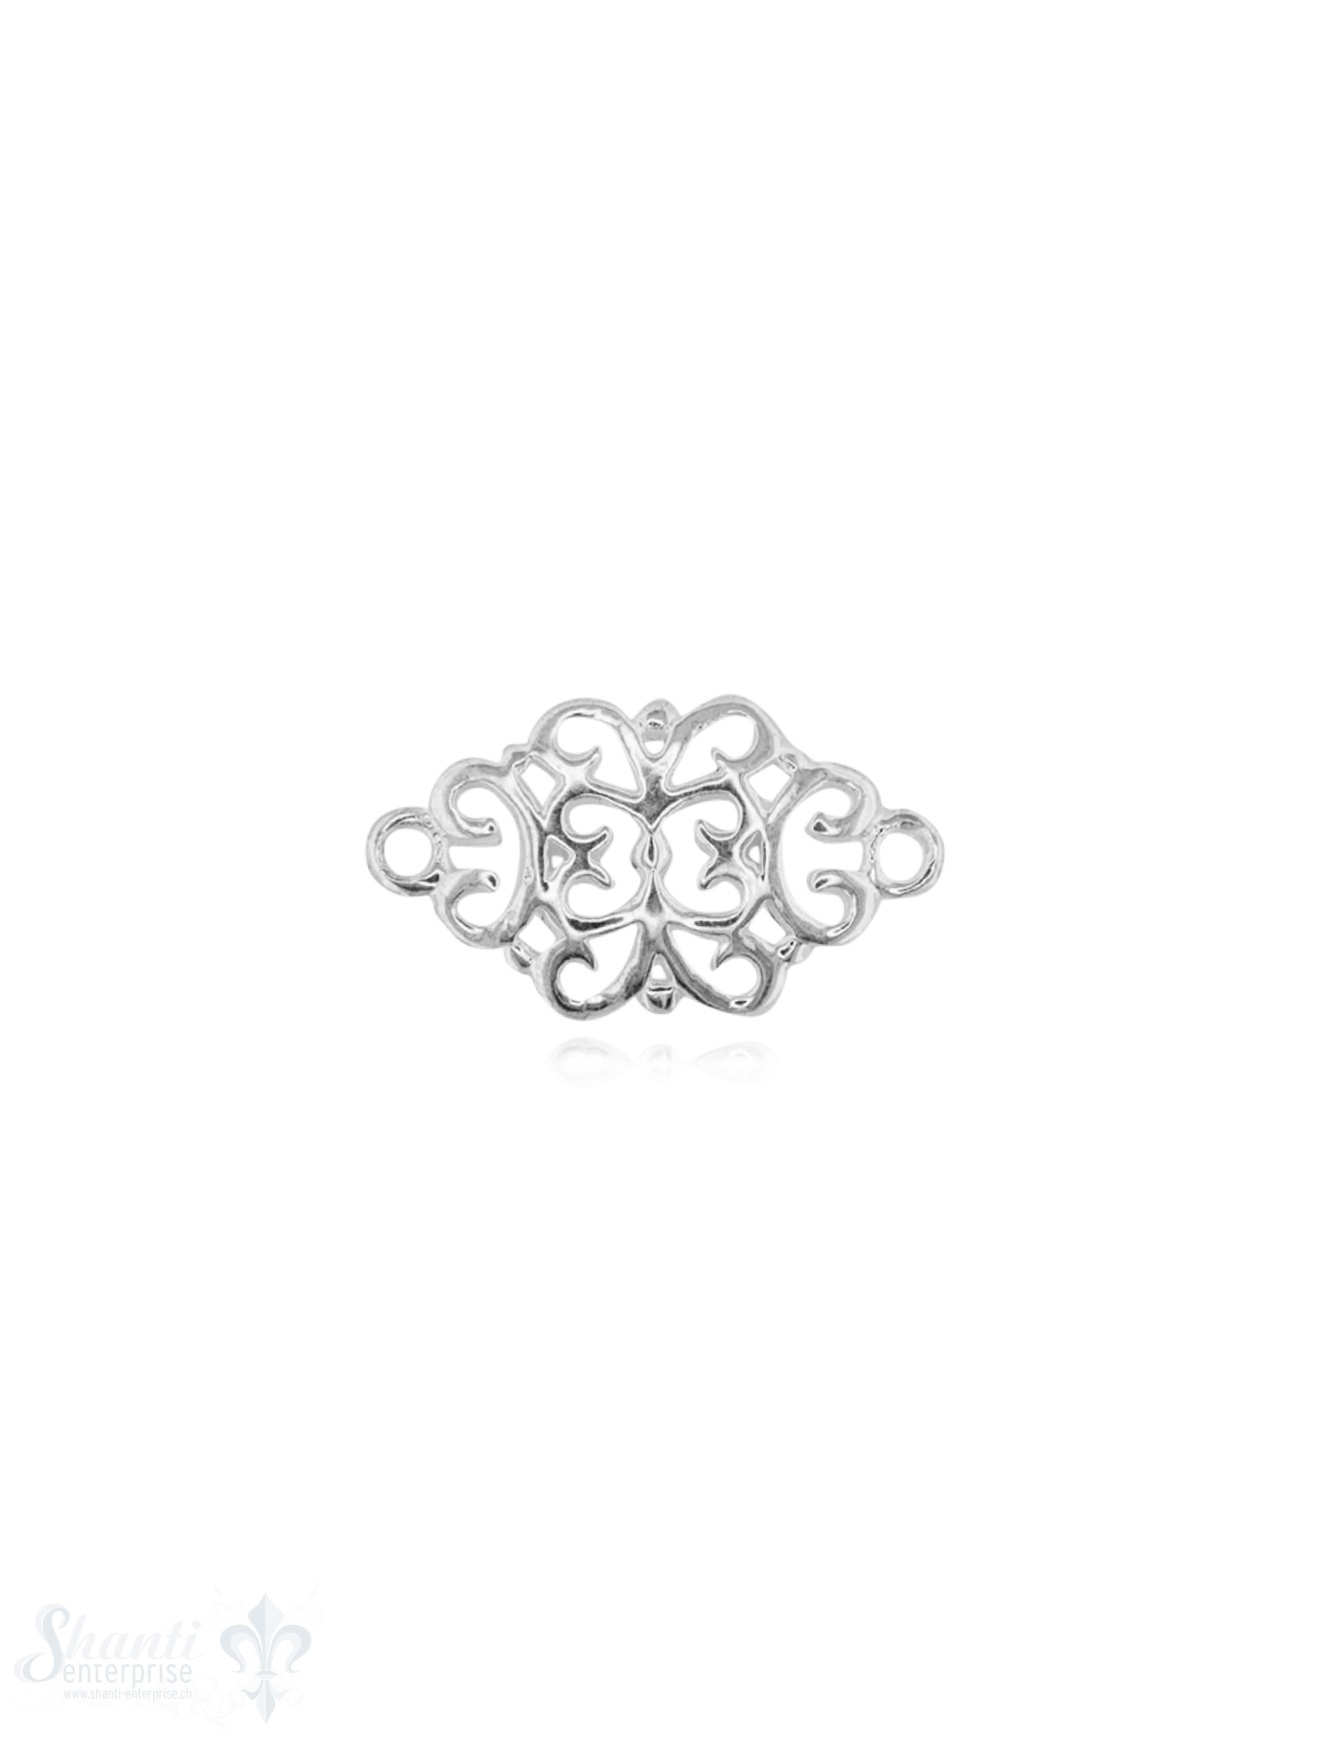 Silberteil mit Doppelösen Mandala durchbochen fein